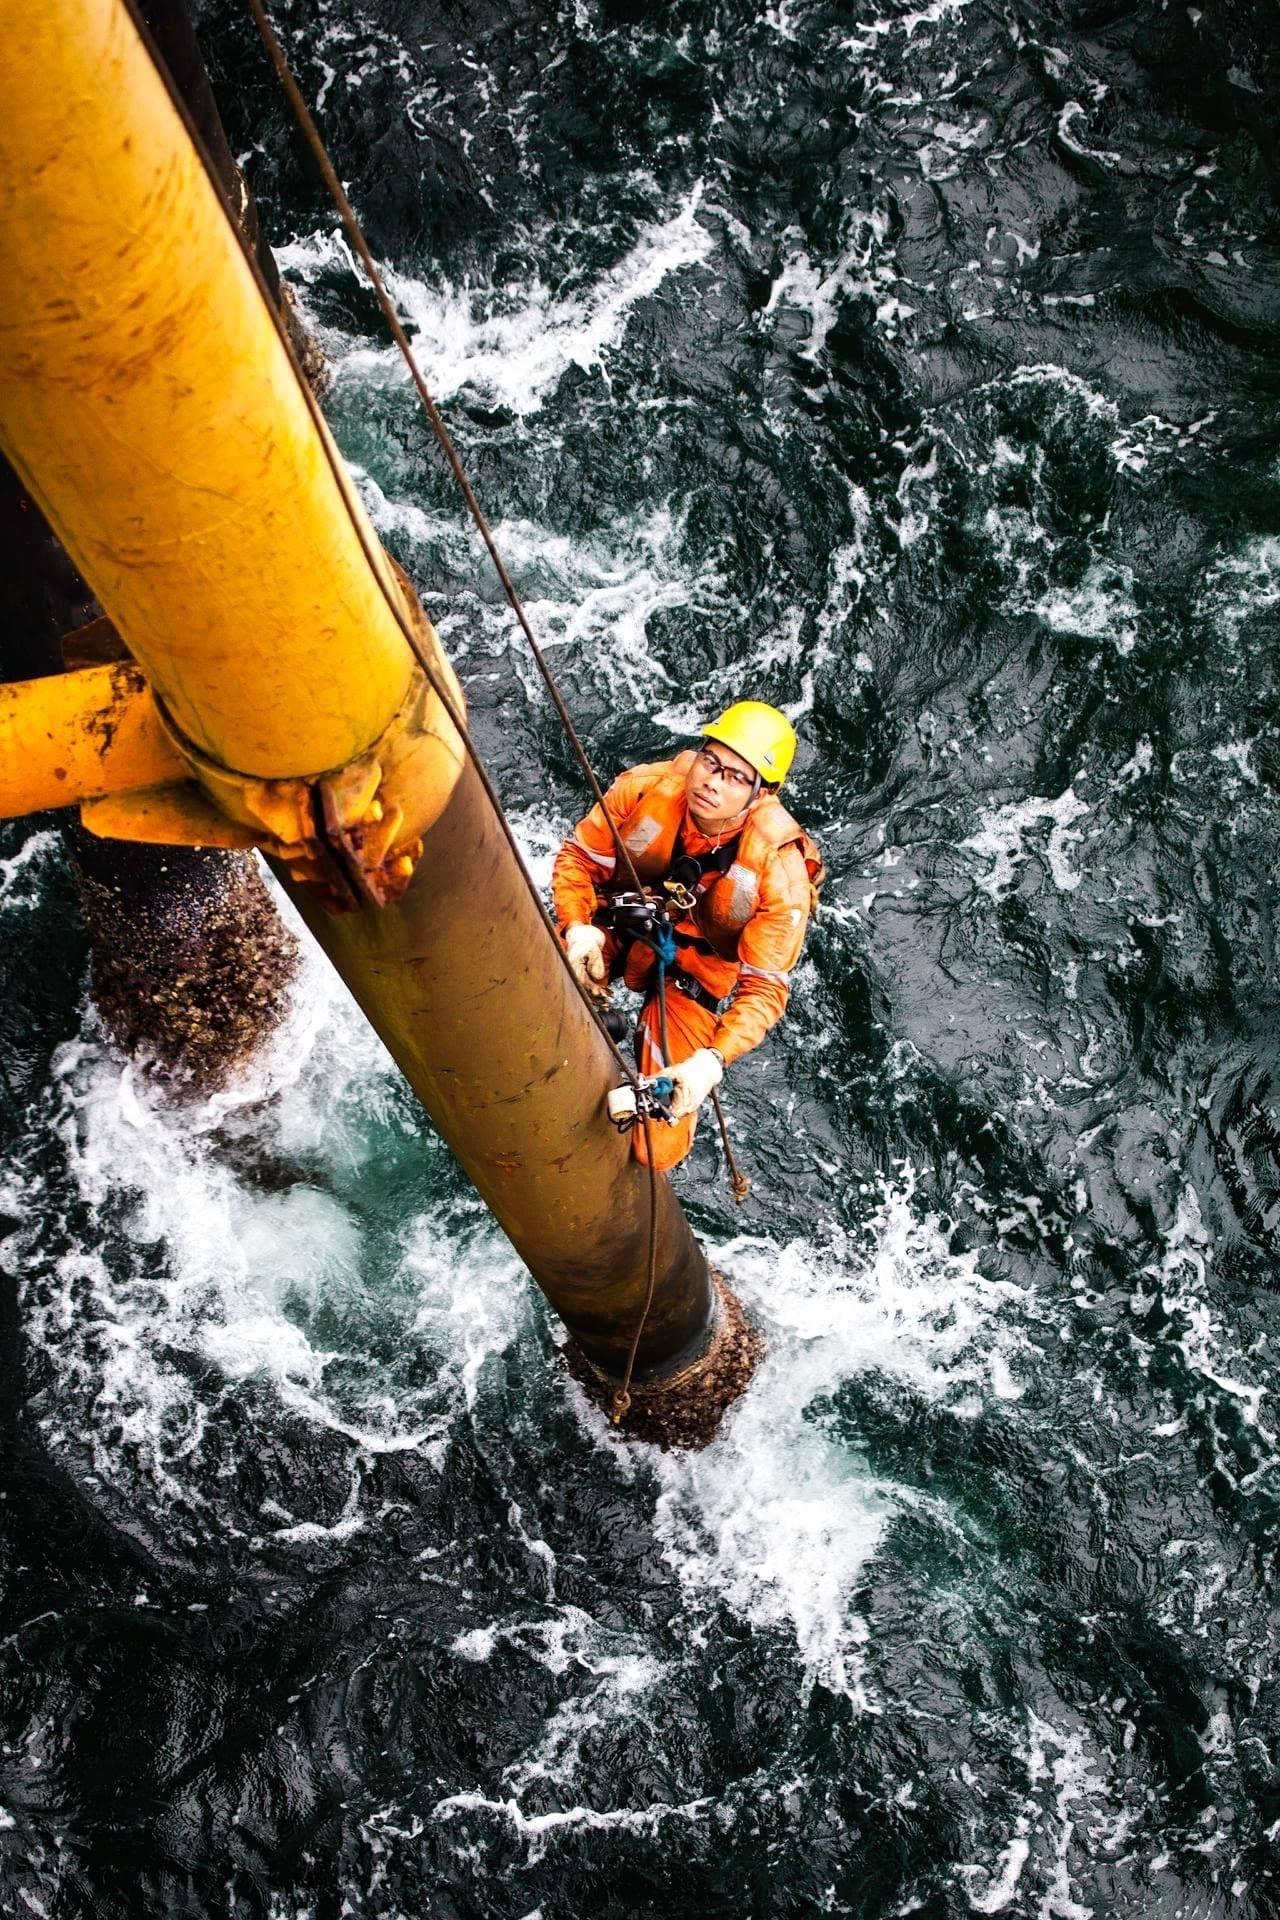 Dự báo giá dầu: cảnh giác với chính sách tiền tệ của Fed và công cụ dầu dự trữ chiến lược